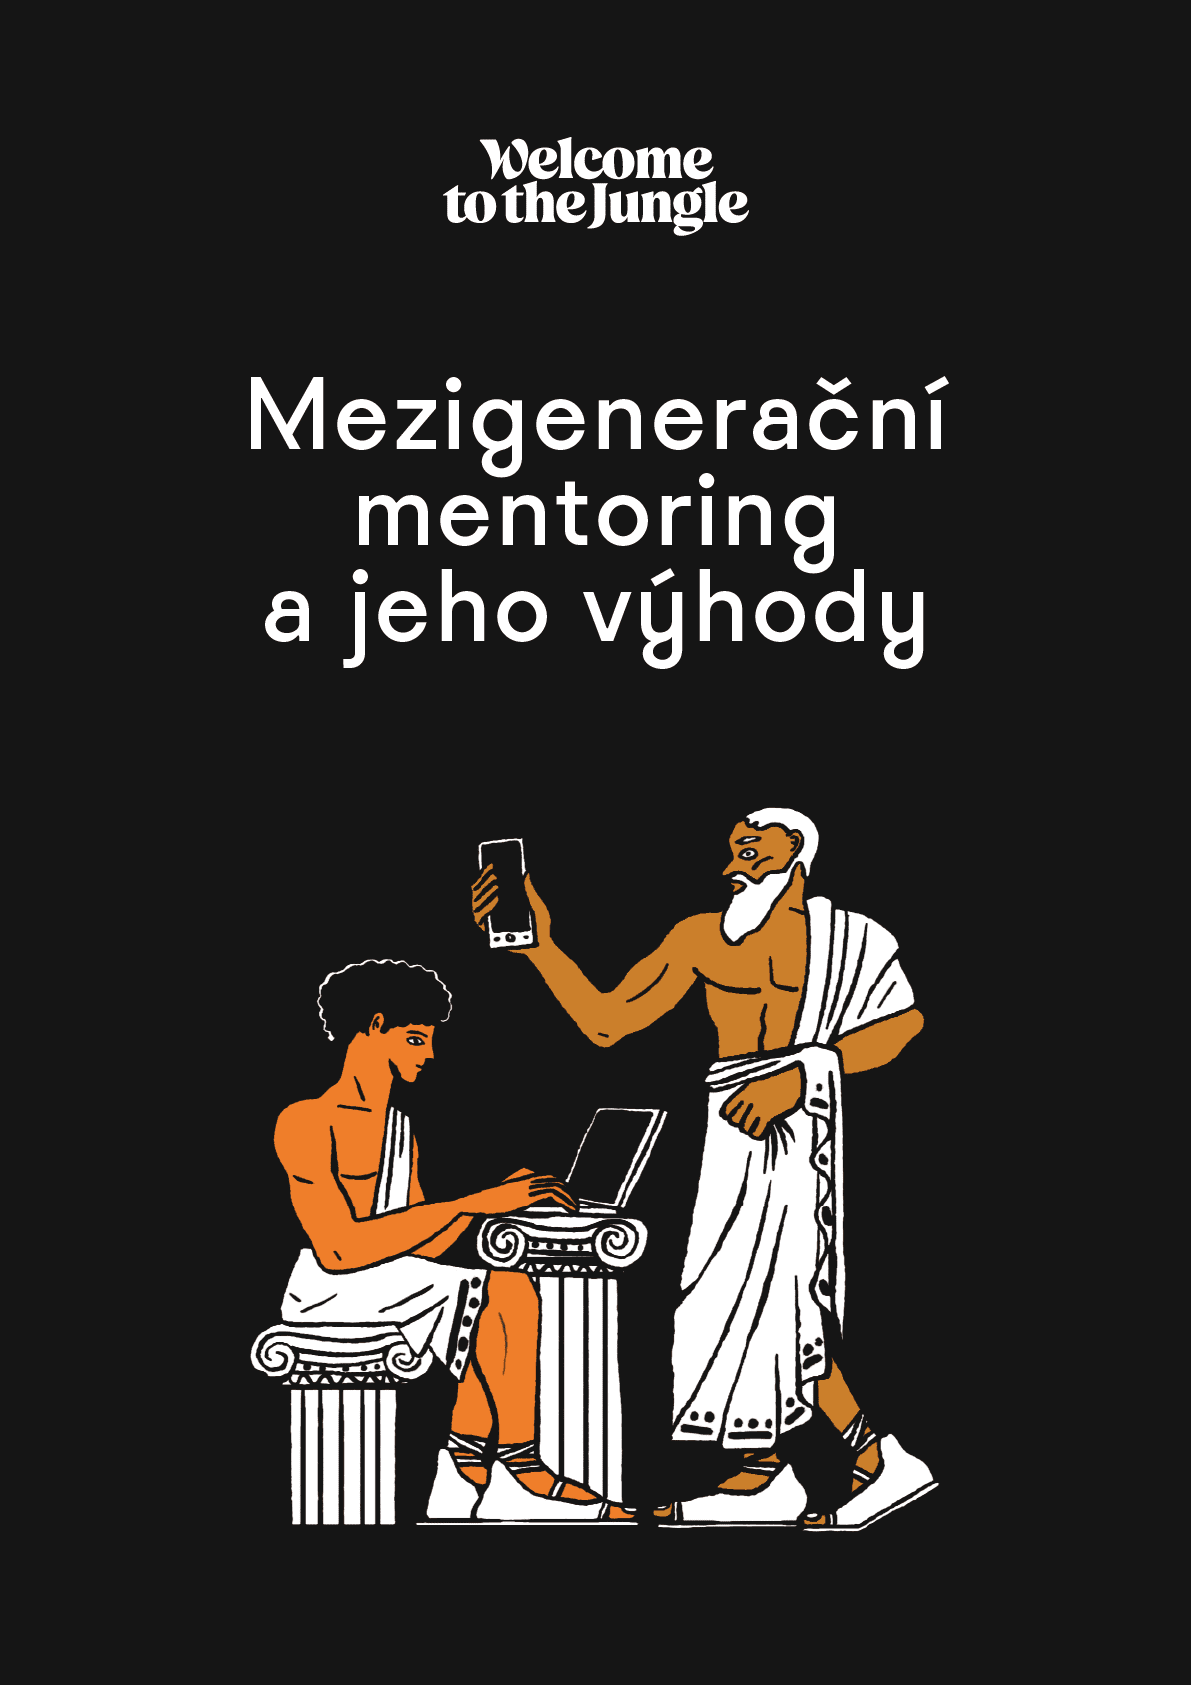 Mezigenerační mentoring a jeho výhody